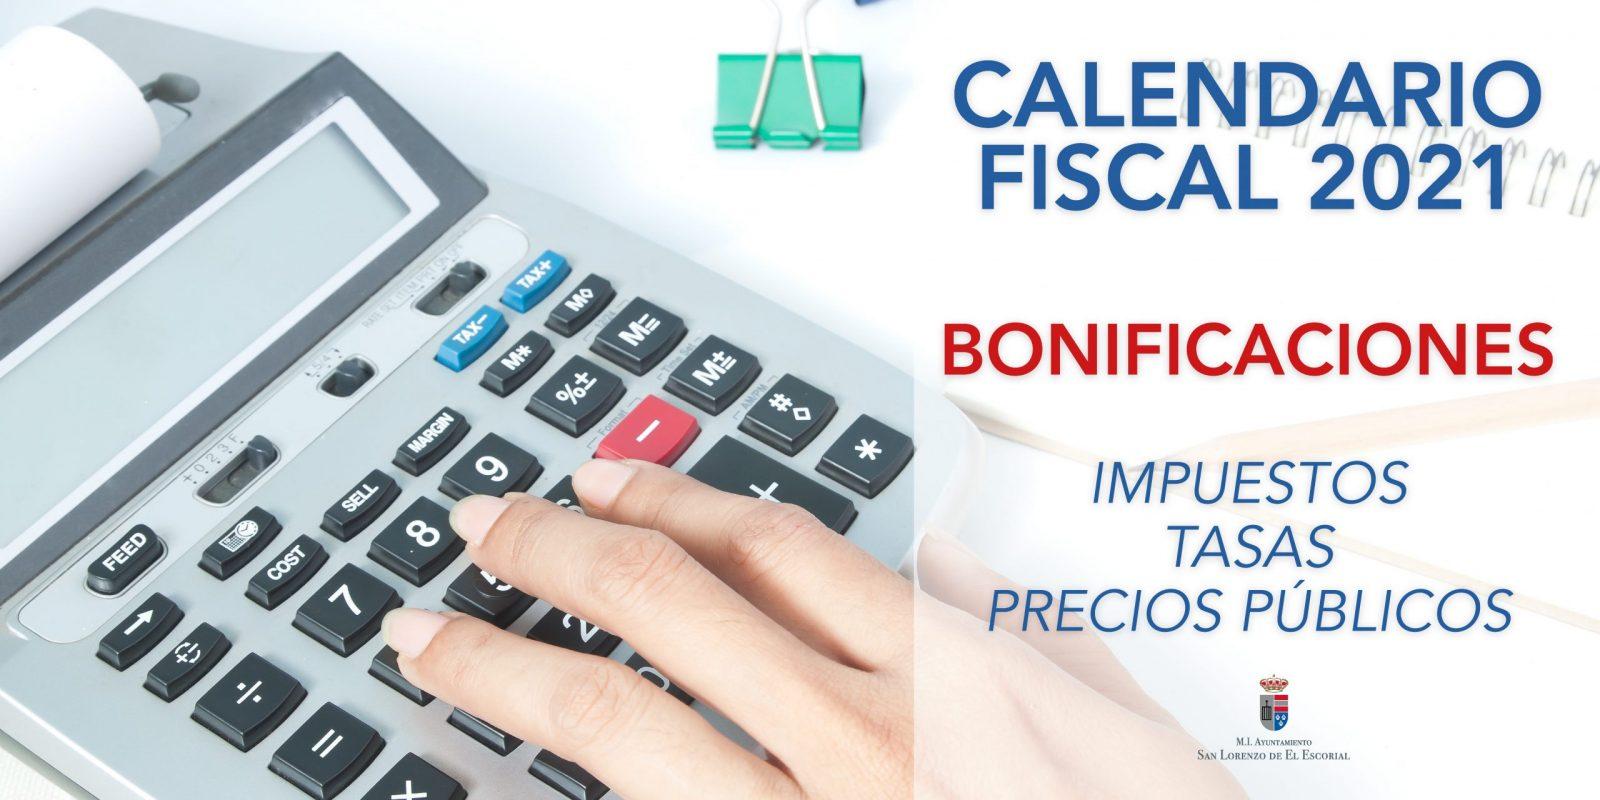 Calendario Fiscal 2021 - Bonificaciones, impuestos ,tasas y precios públicos